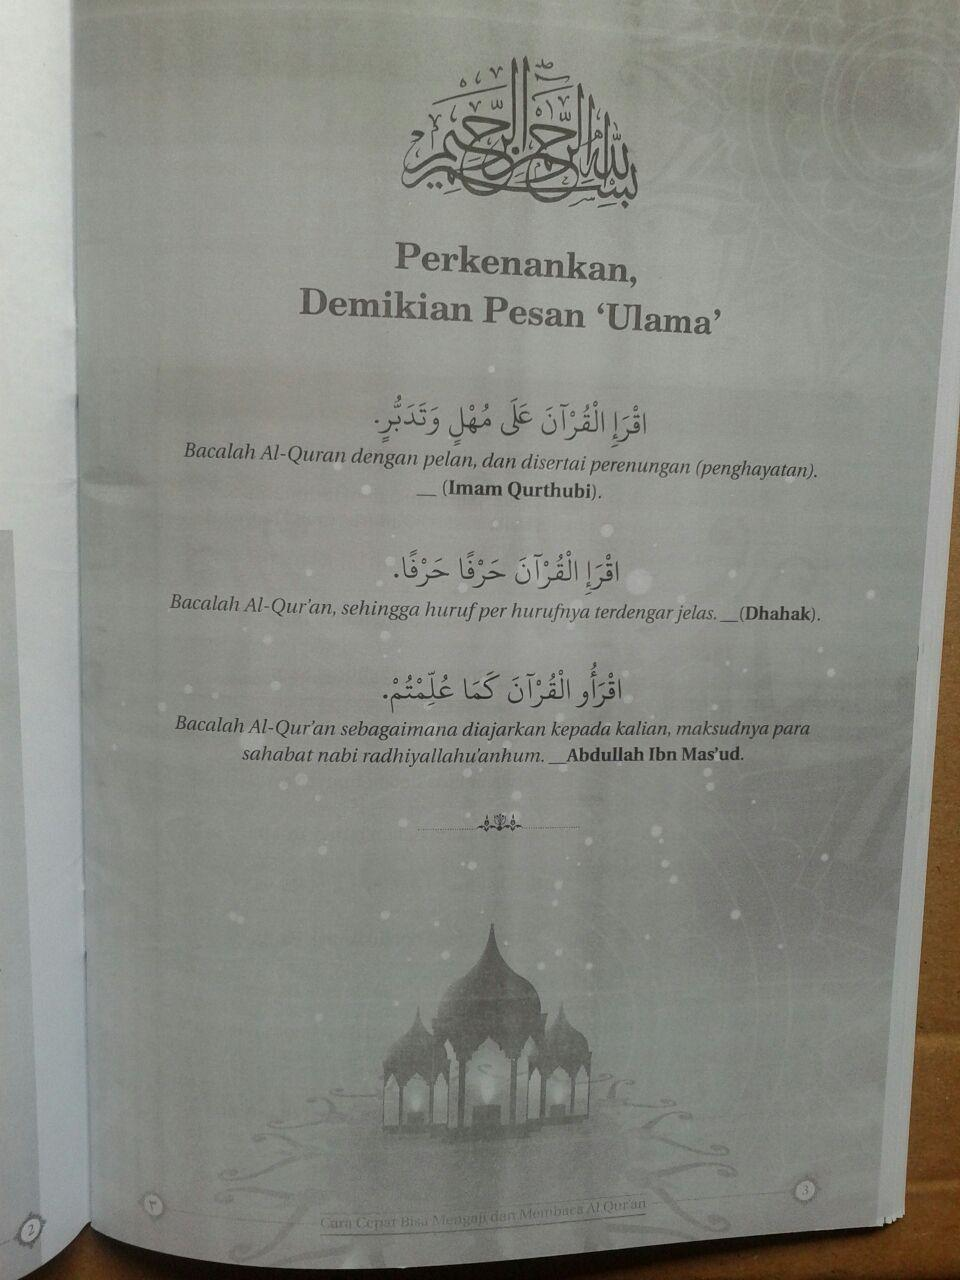 Buku Tadarus Cara Cepat Mengaji Membaca Al-Quran 1 Jam isi 3